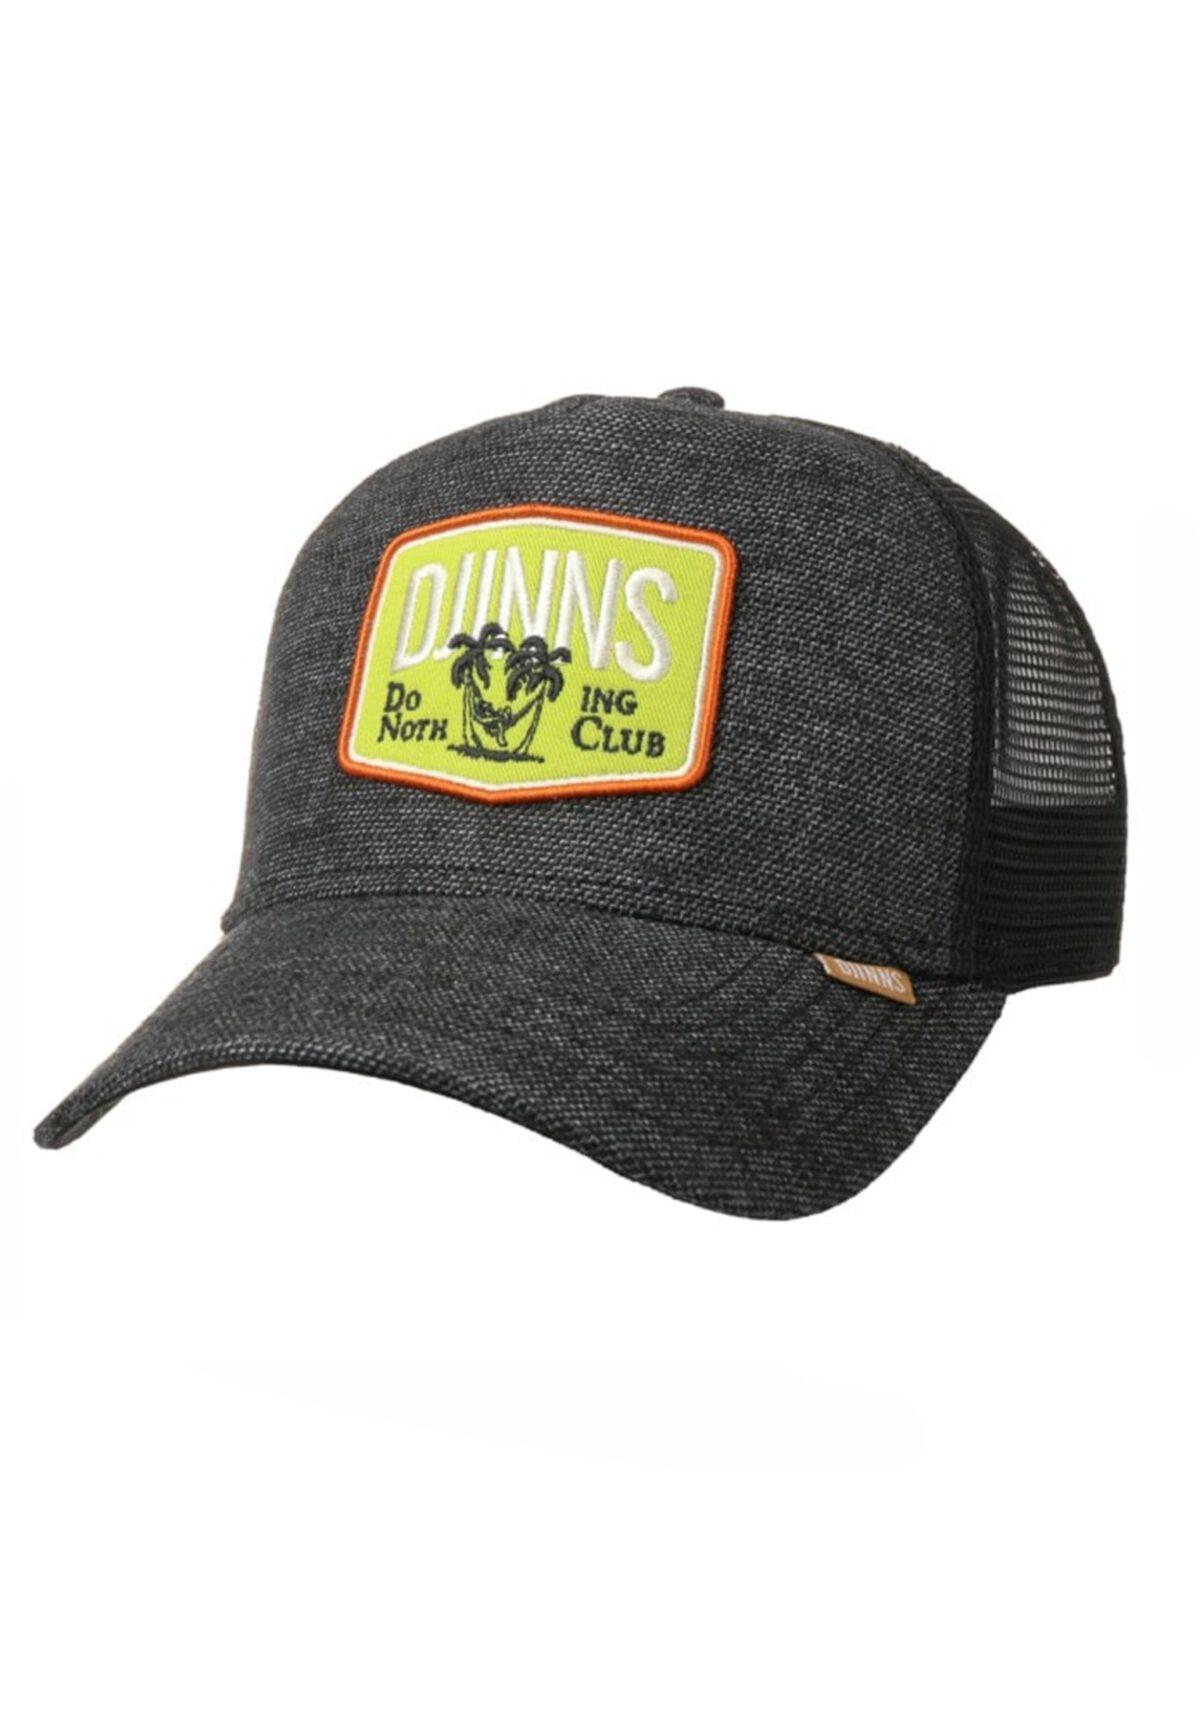 Djinns Trucker-Cap HFT DNC RoughCanvas black